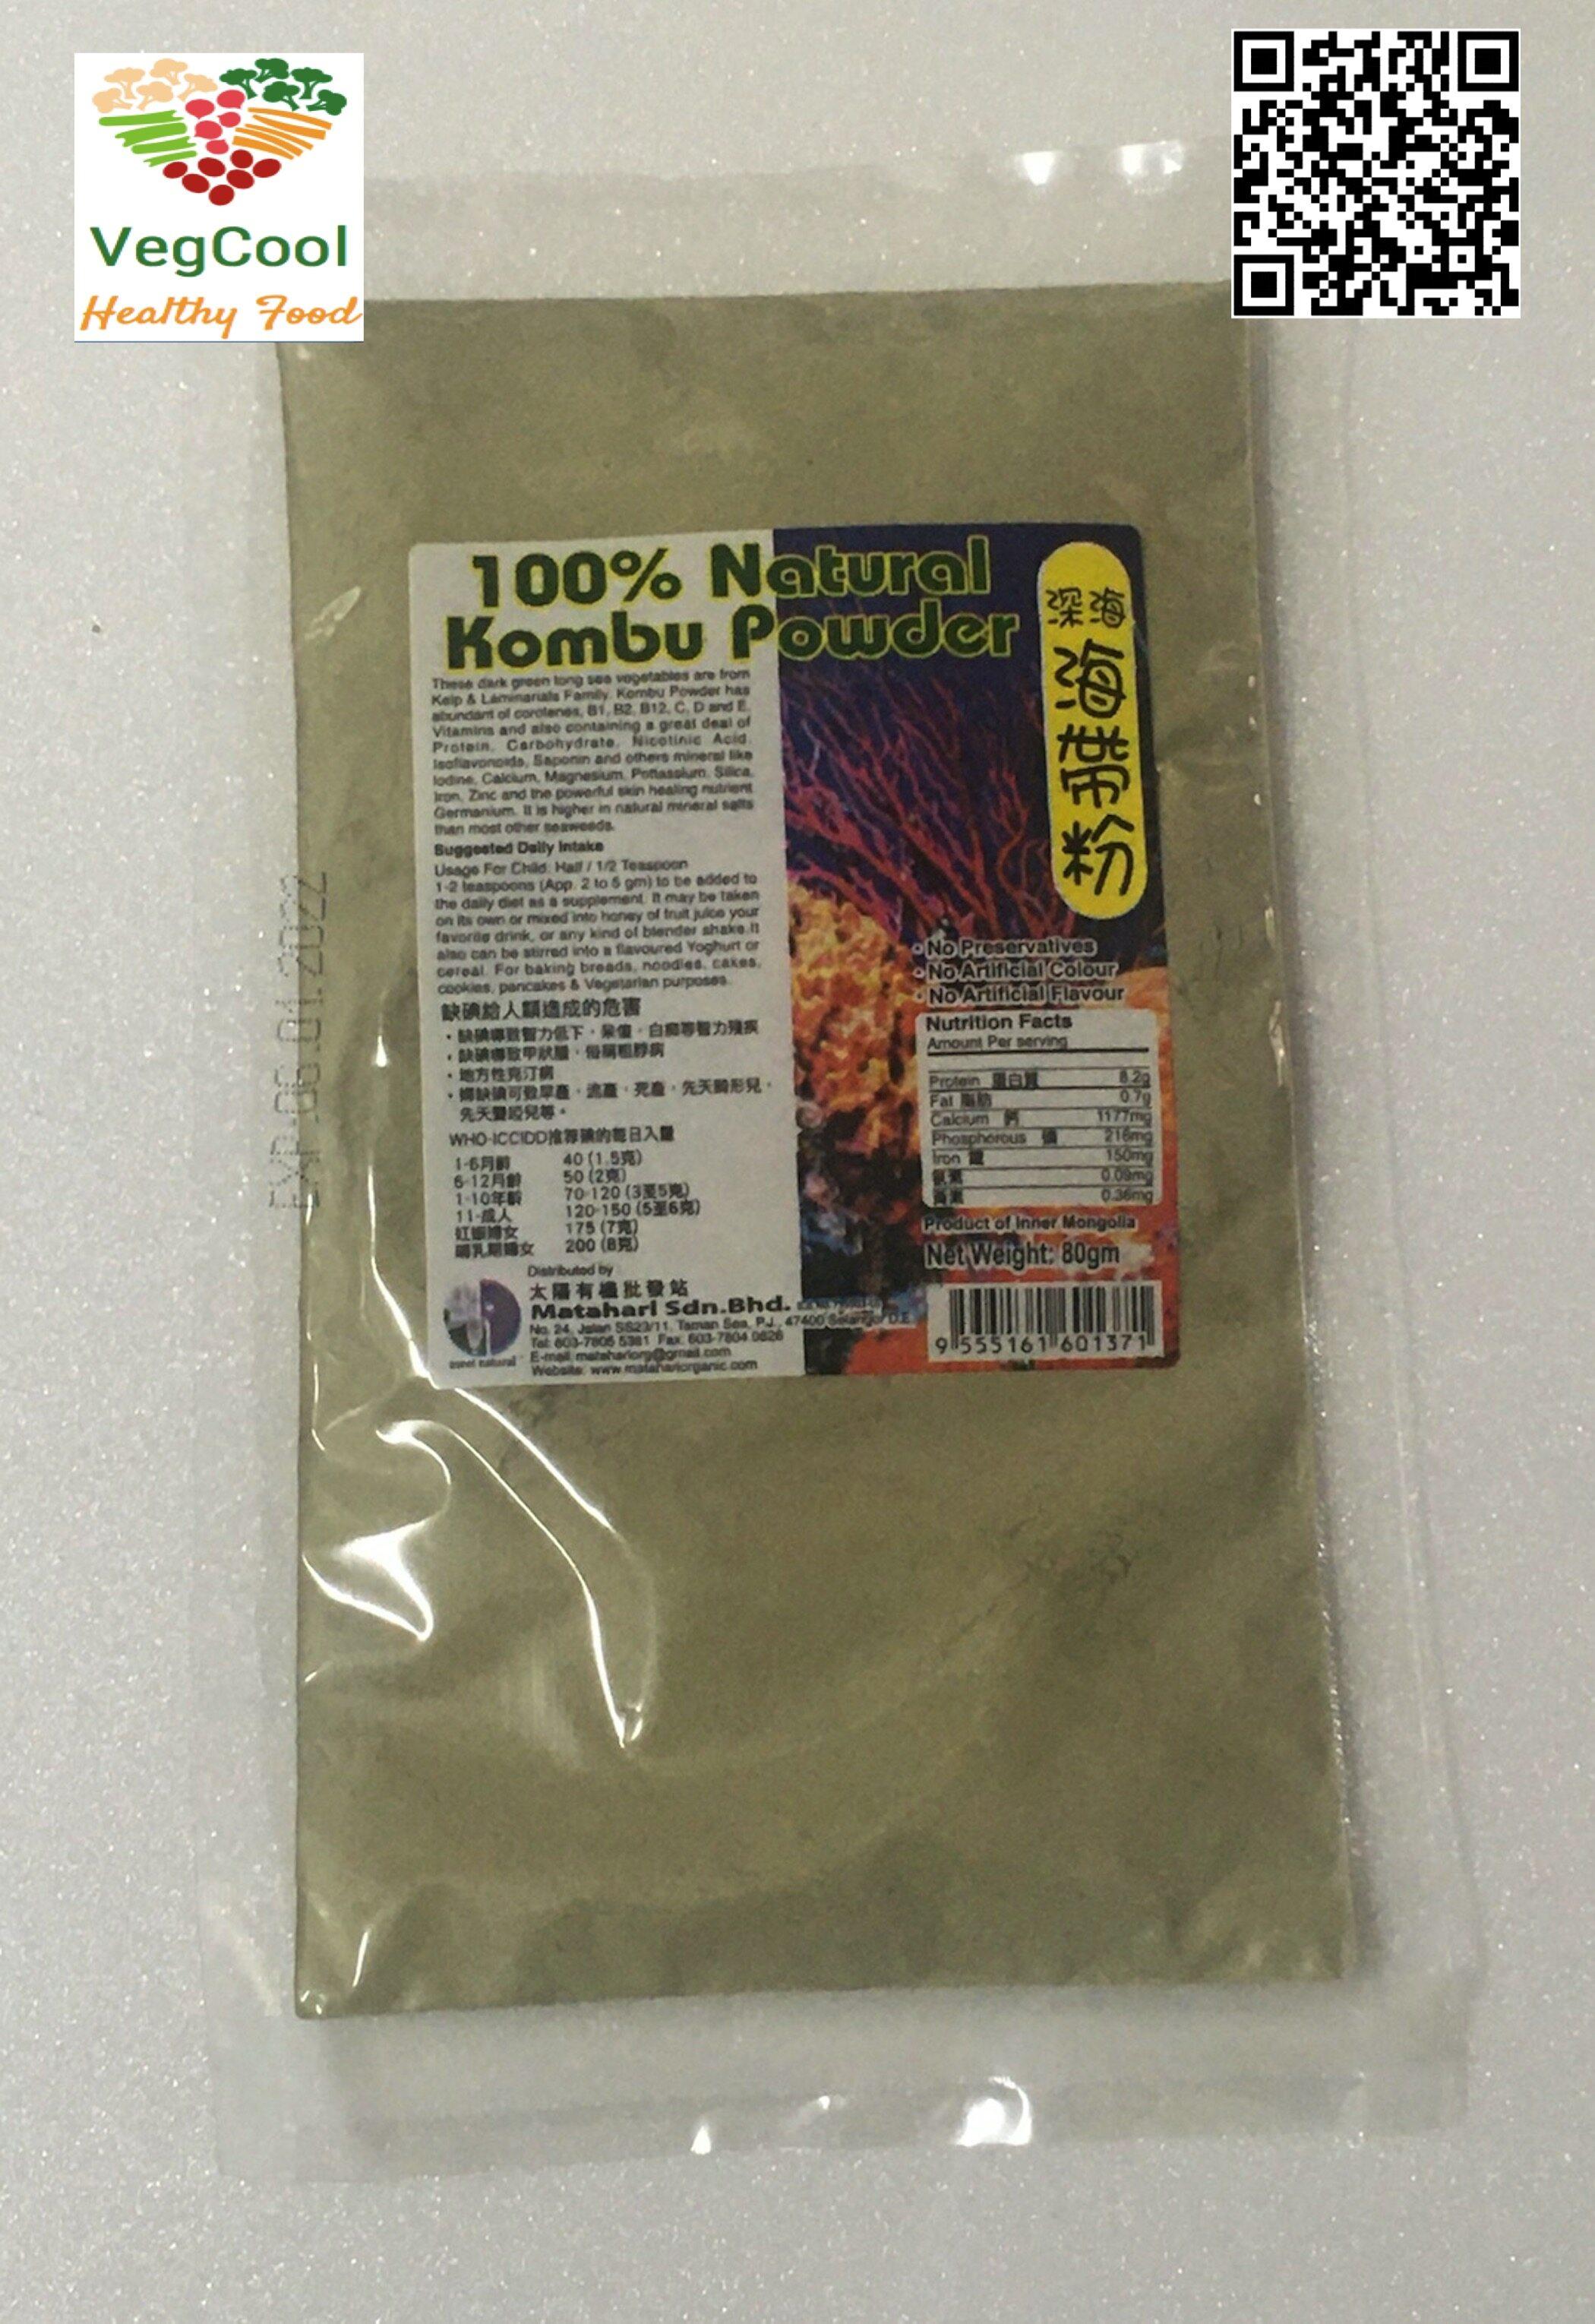 100% Natural Kombu Powder  (80g)